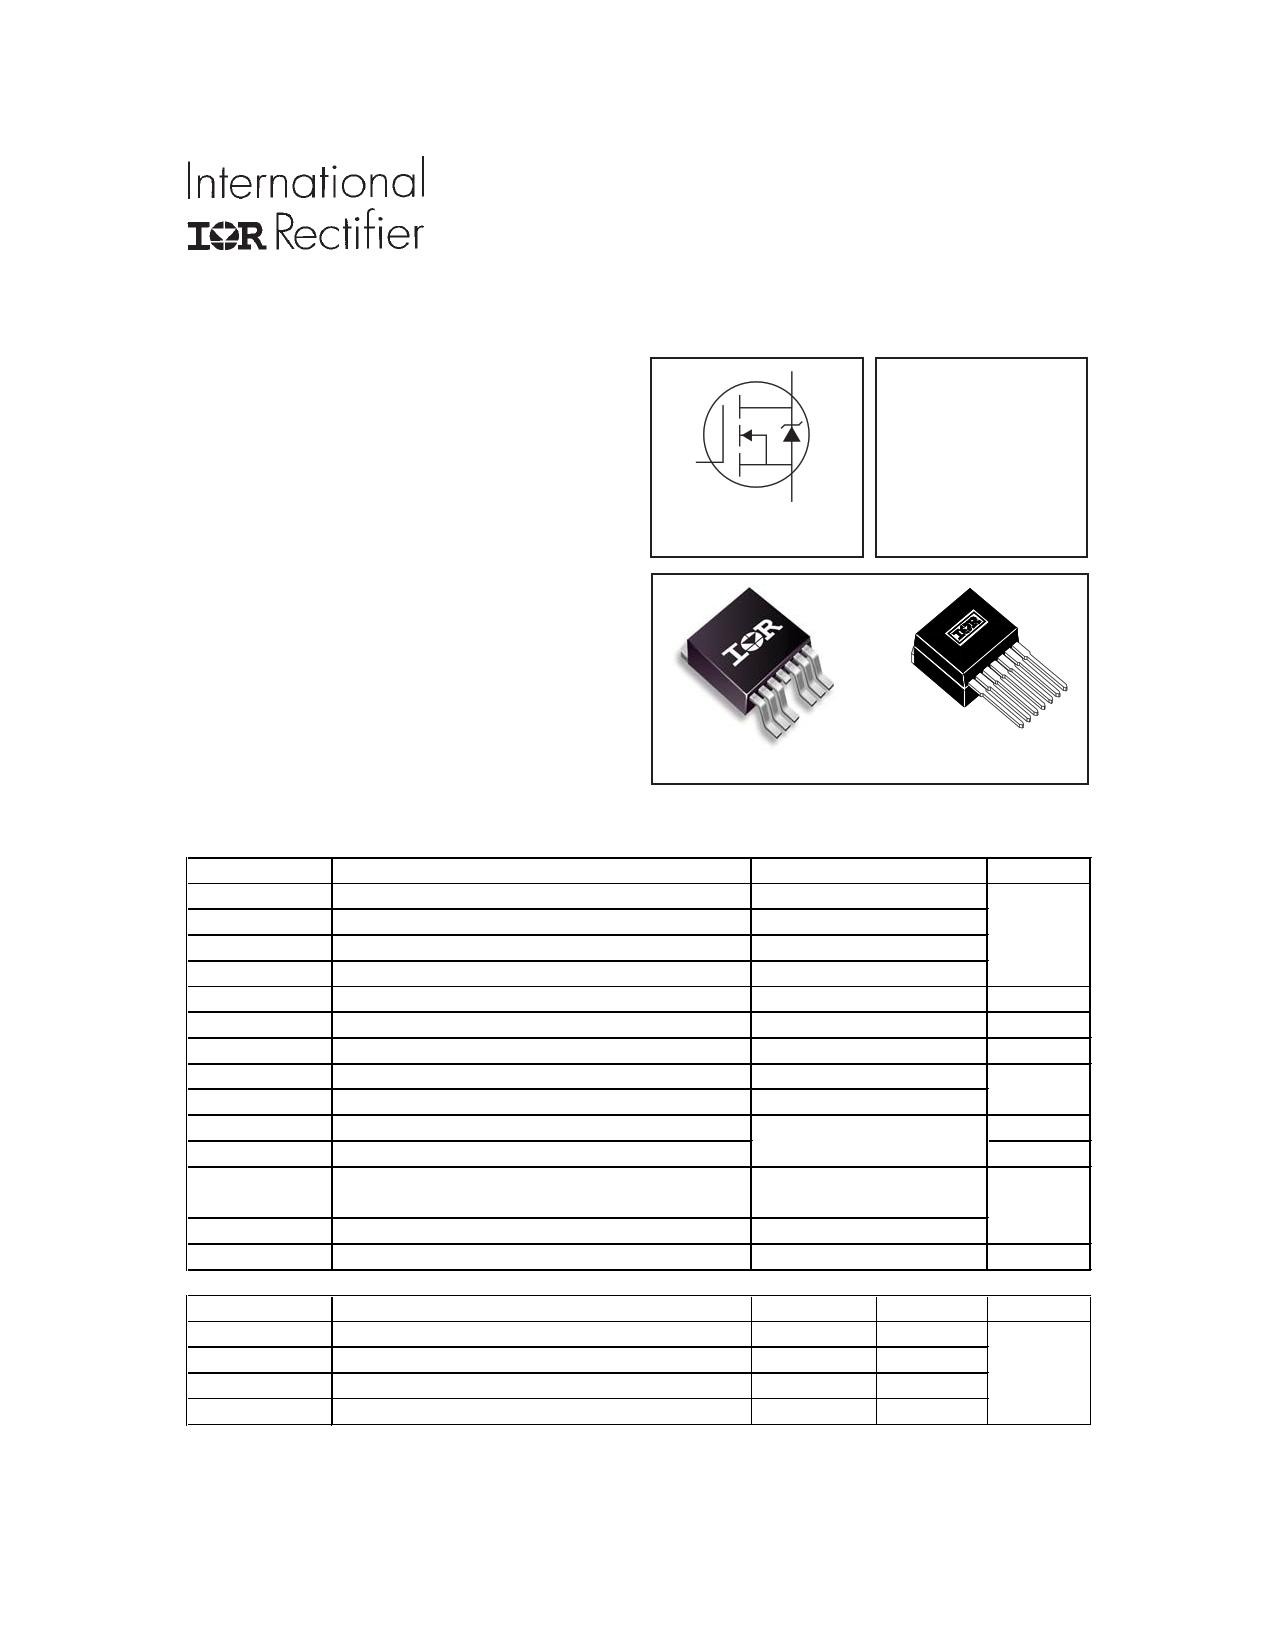 IRF1405ZS-7P Datasheet, IRF1405ZS-7P PDF,ピン配置, 機能